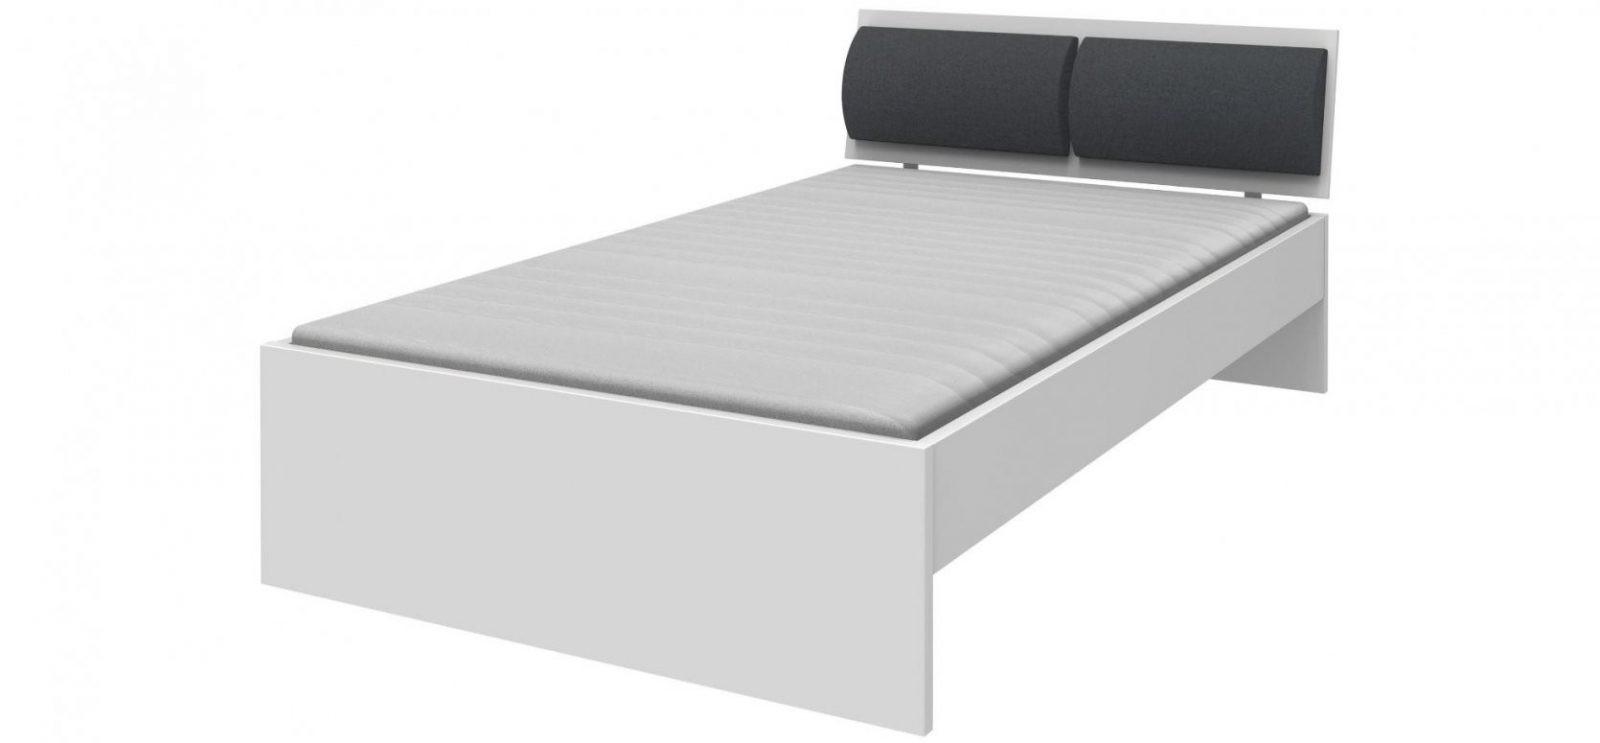 Weißes Bett Mit Polsterkopfteil In Grau Liegefläche Ca 120X200 Cm von Weißes Bett 120X200 Bild